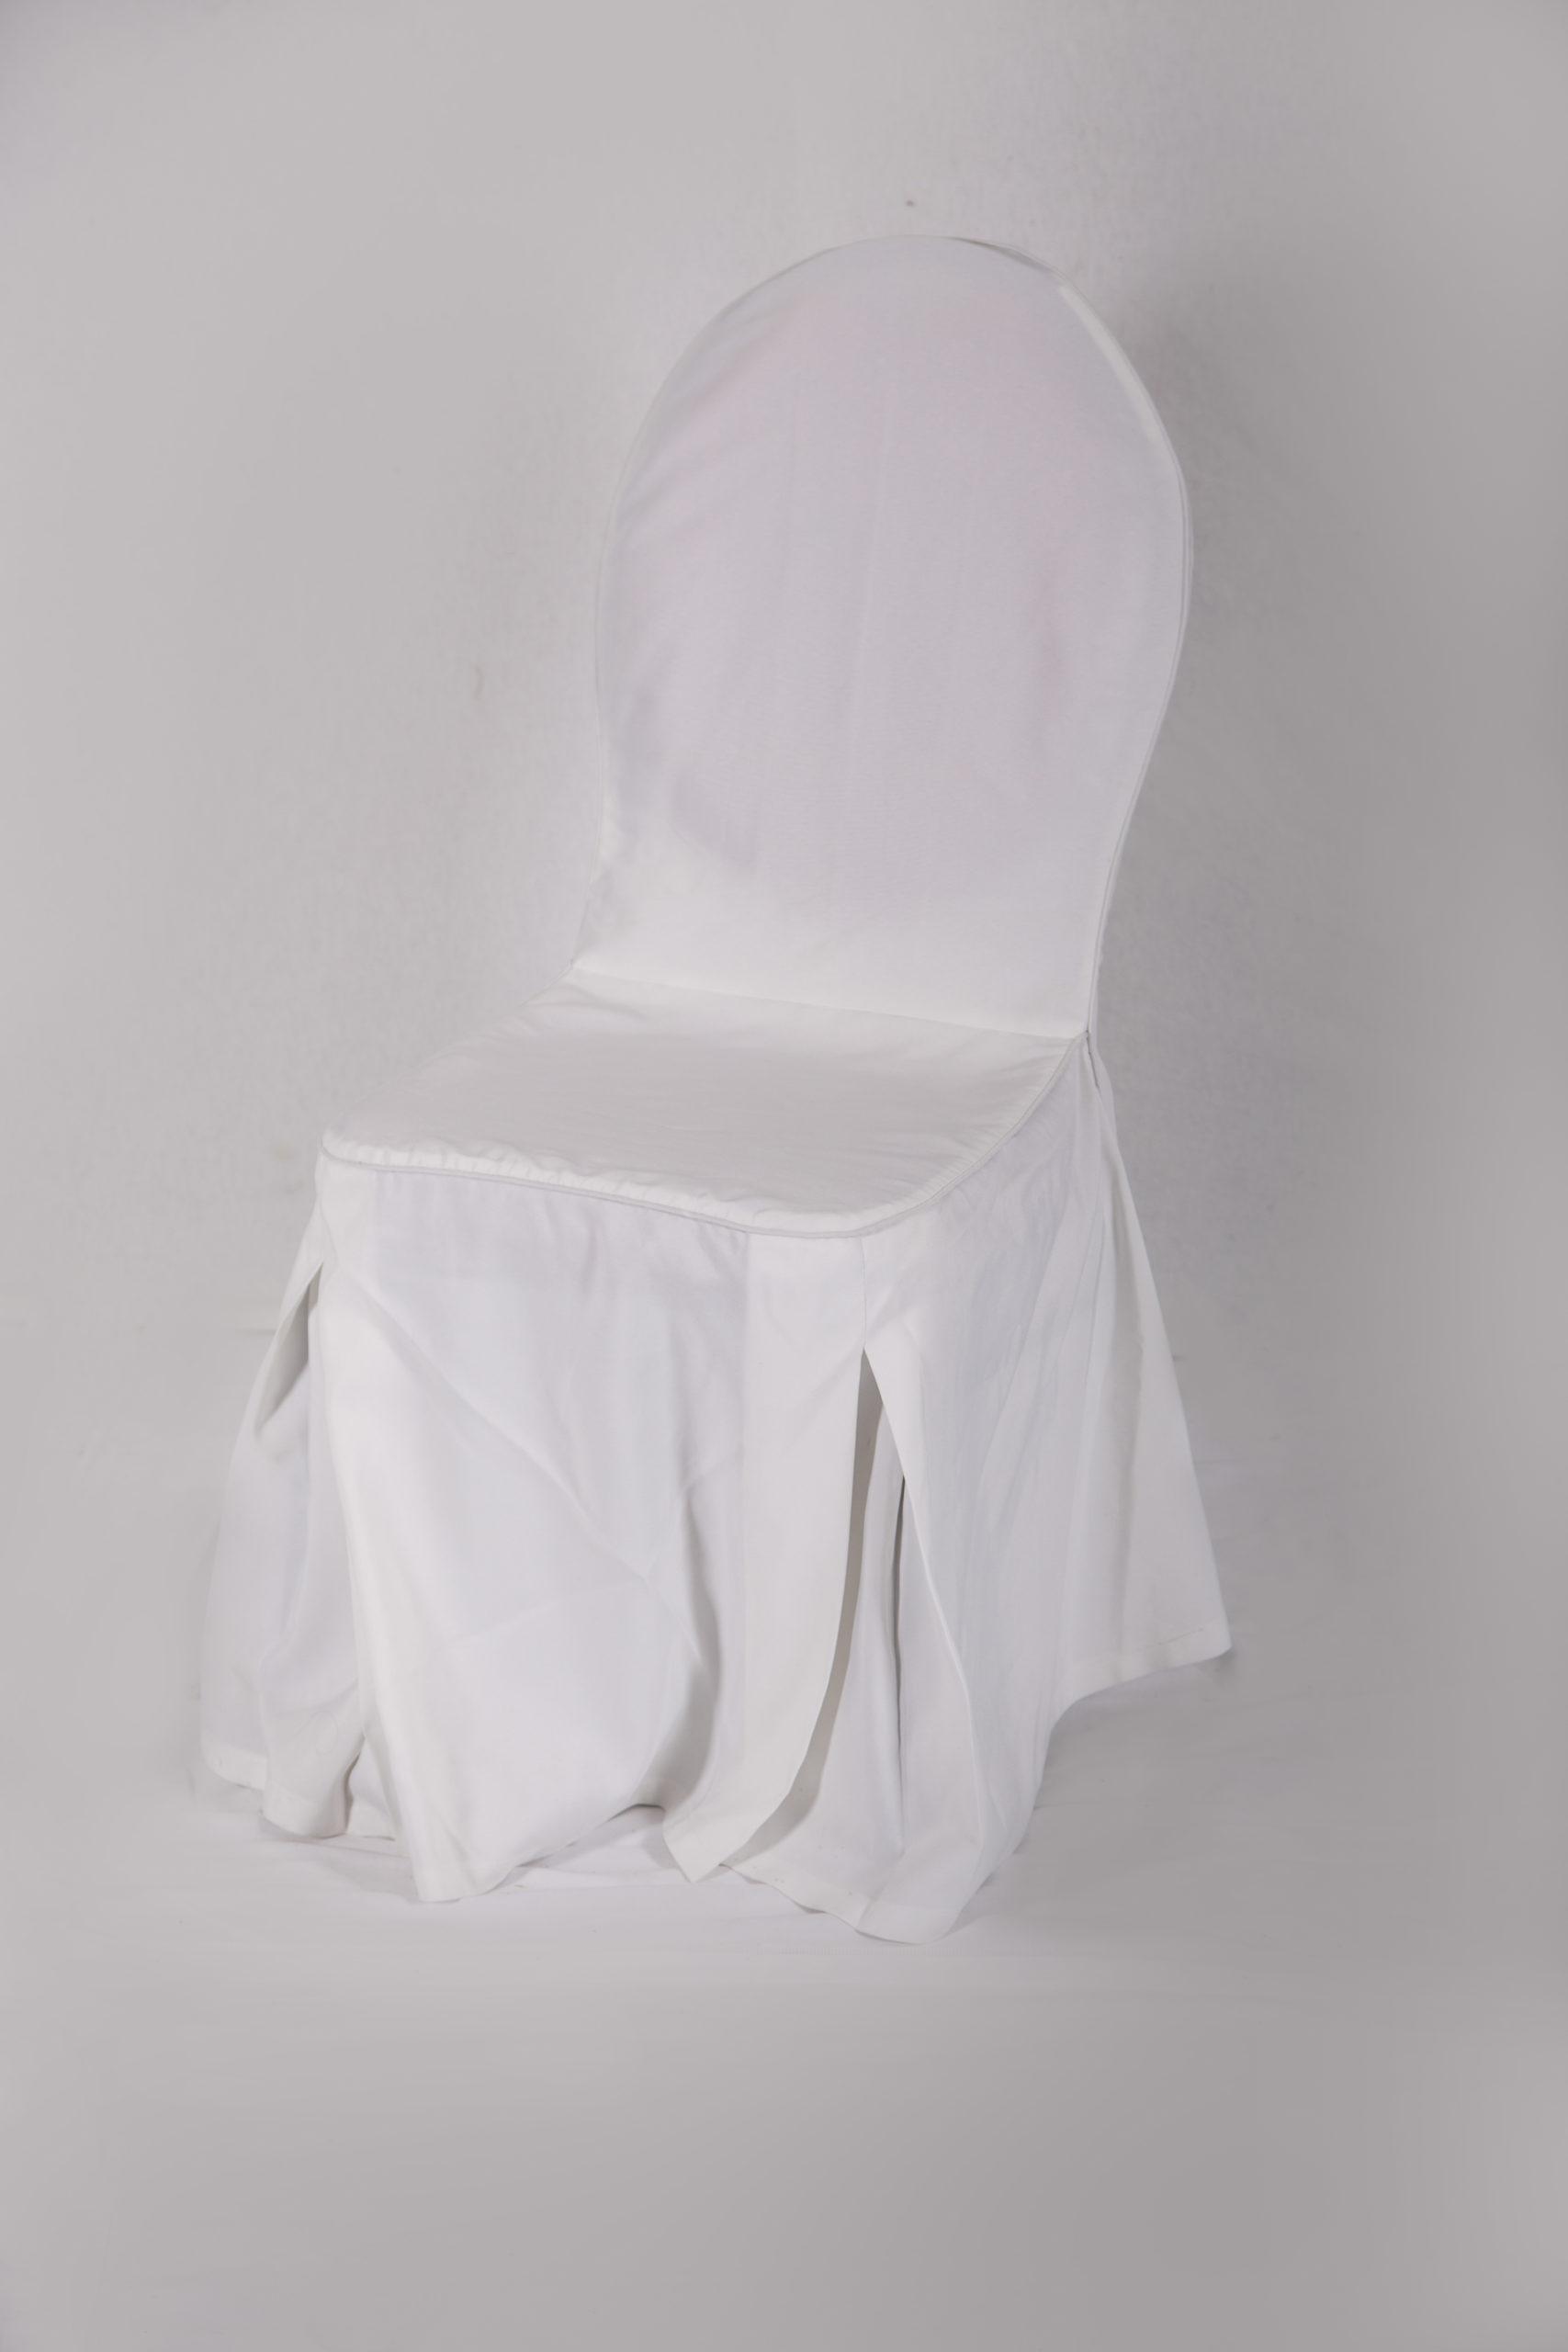 Bankettstuhl mit Husse Stuhl mit Husse Stuhlhusse gepolstert weiß